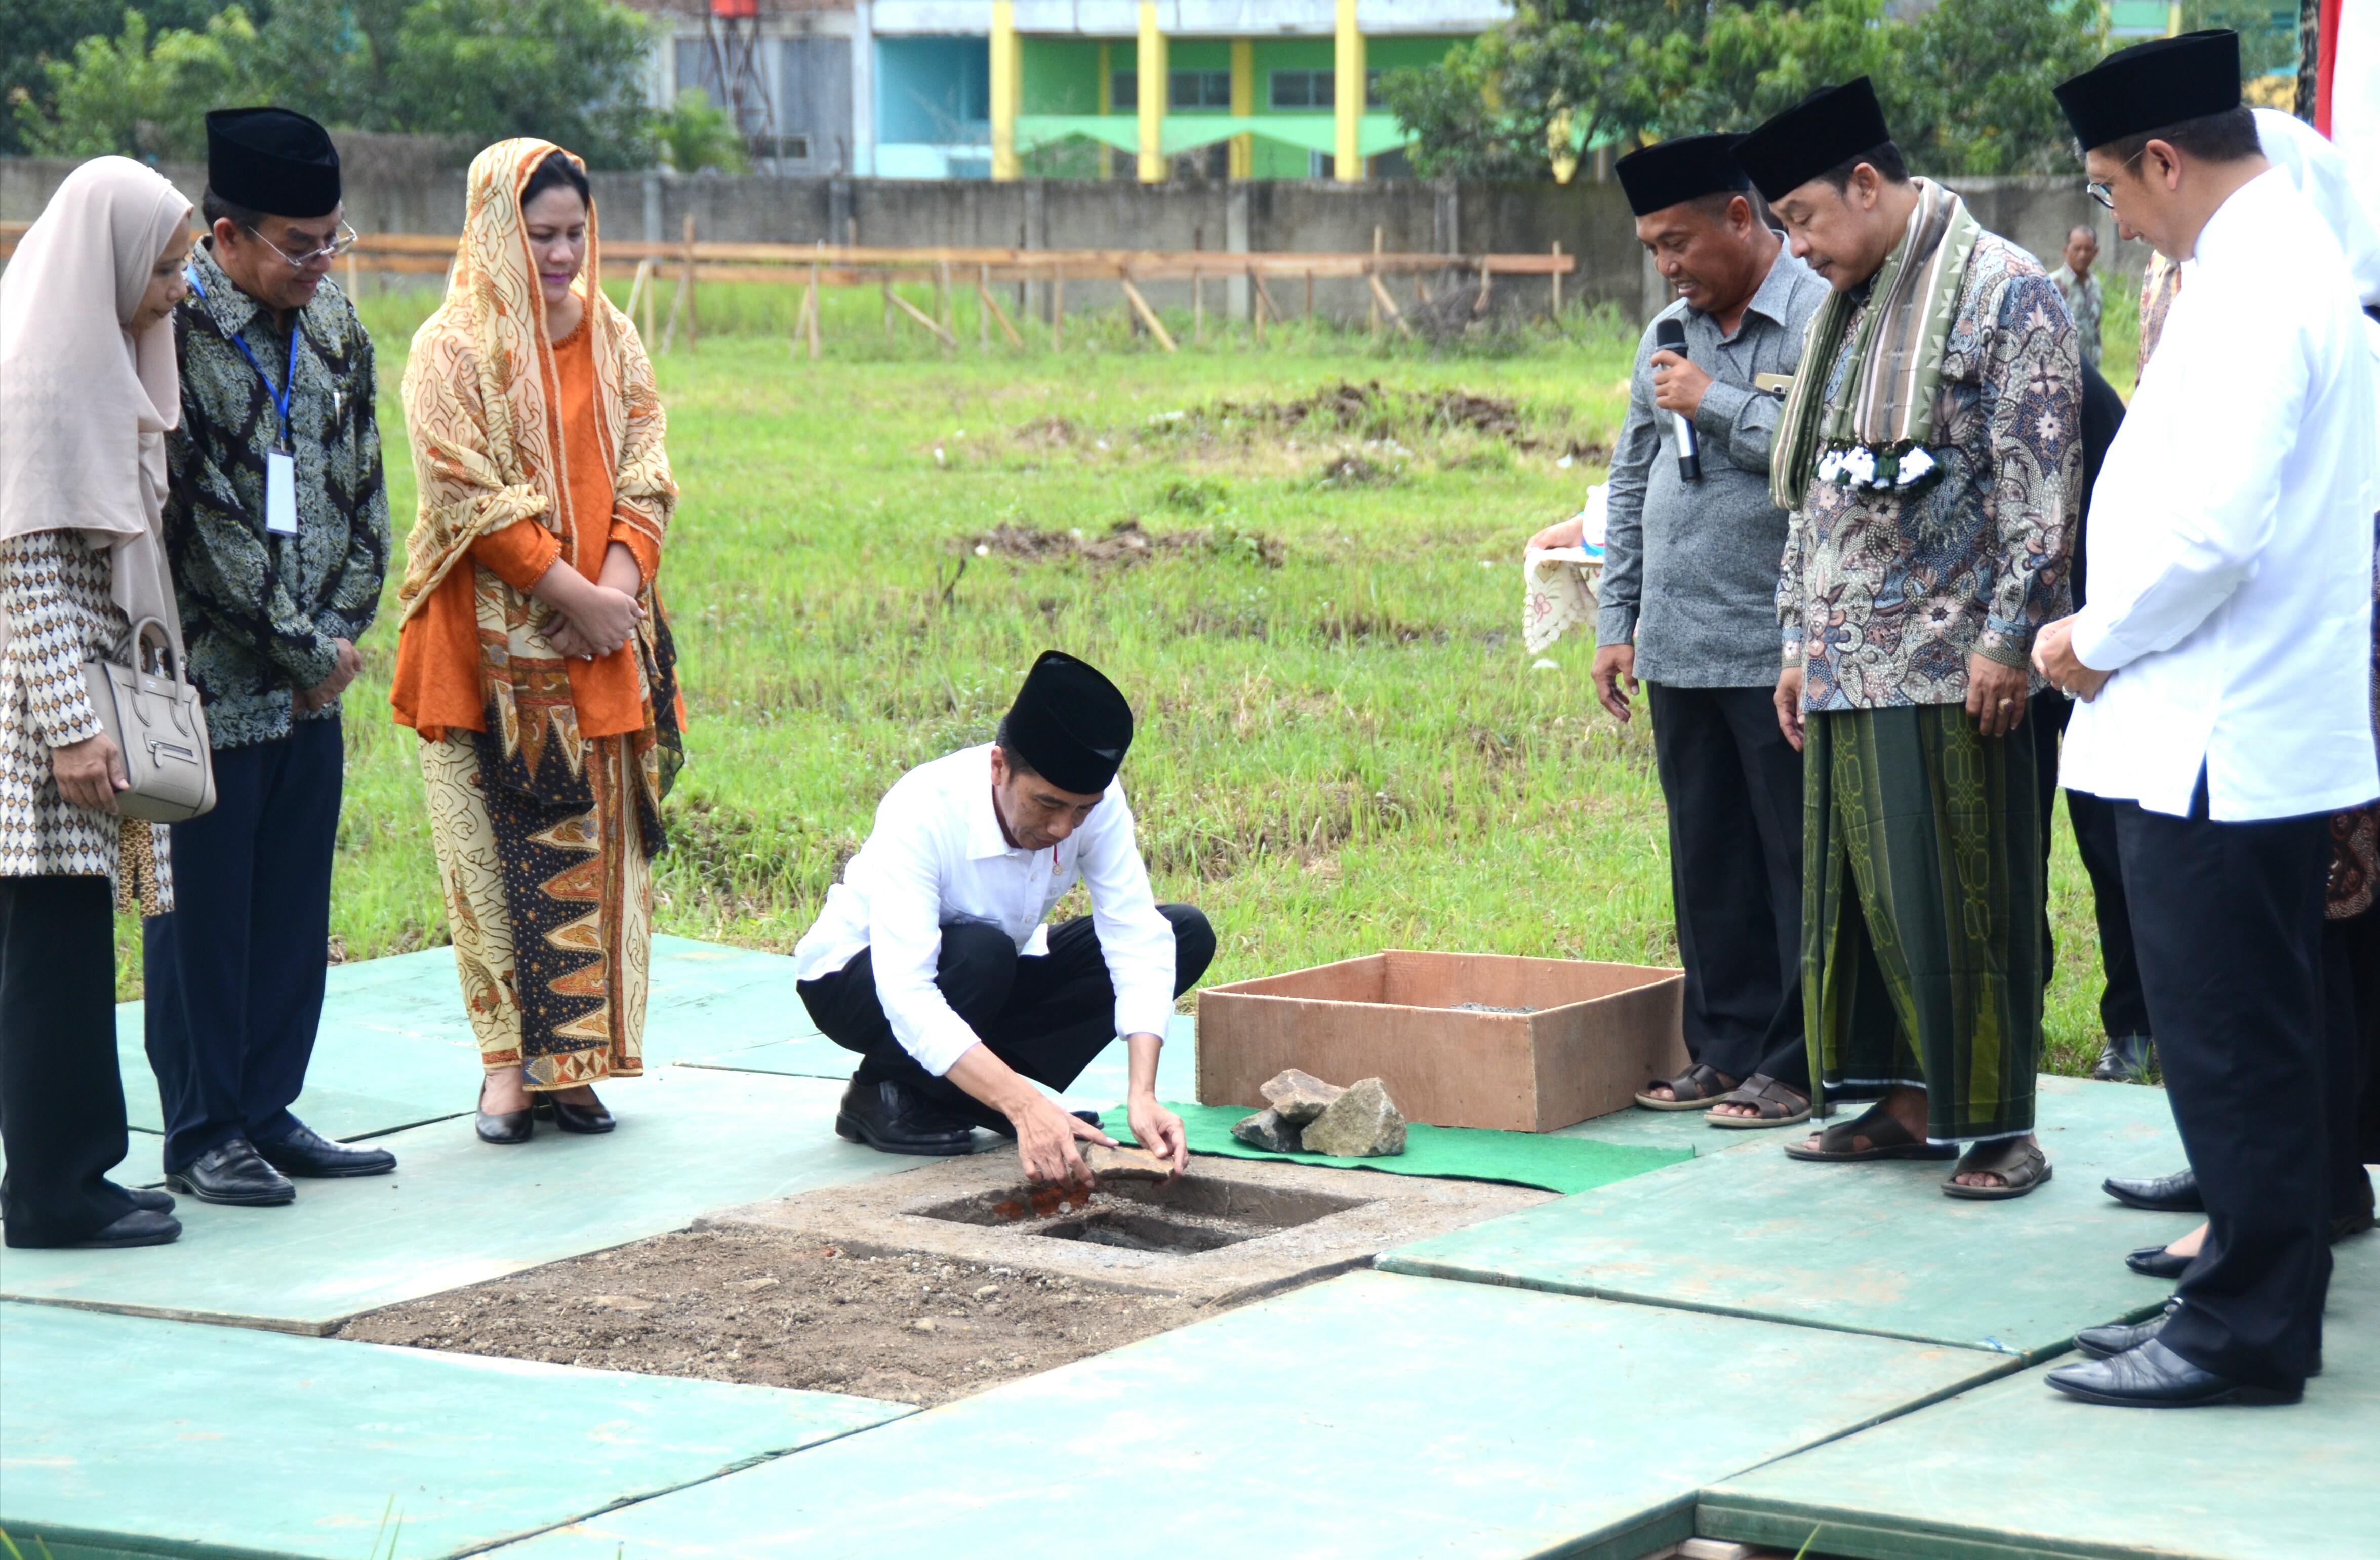 Presiden Jokowi saat peletakan batu pertama pembangunan Gelanggang Olah Raga (GOR) di kawasan Pondok Pesantren Buntet, Kamis (13/4). (Foto: Humas/Rahmat)